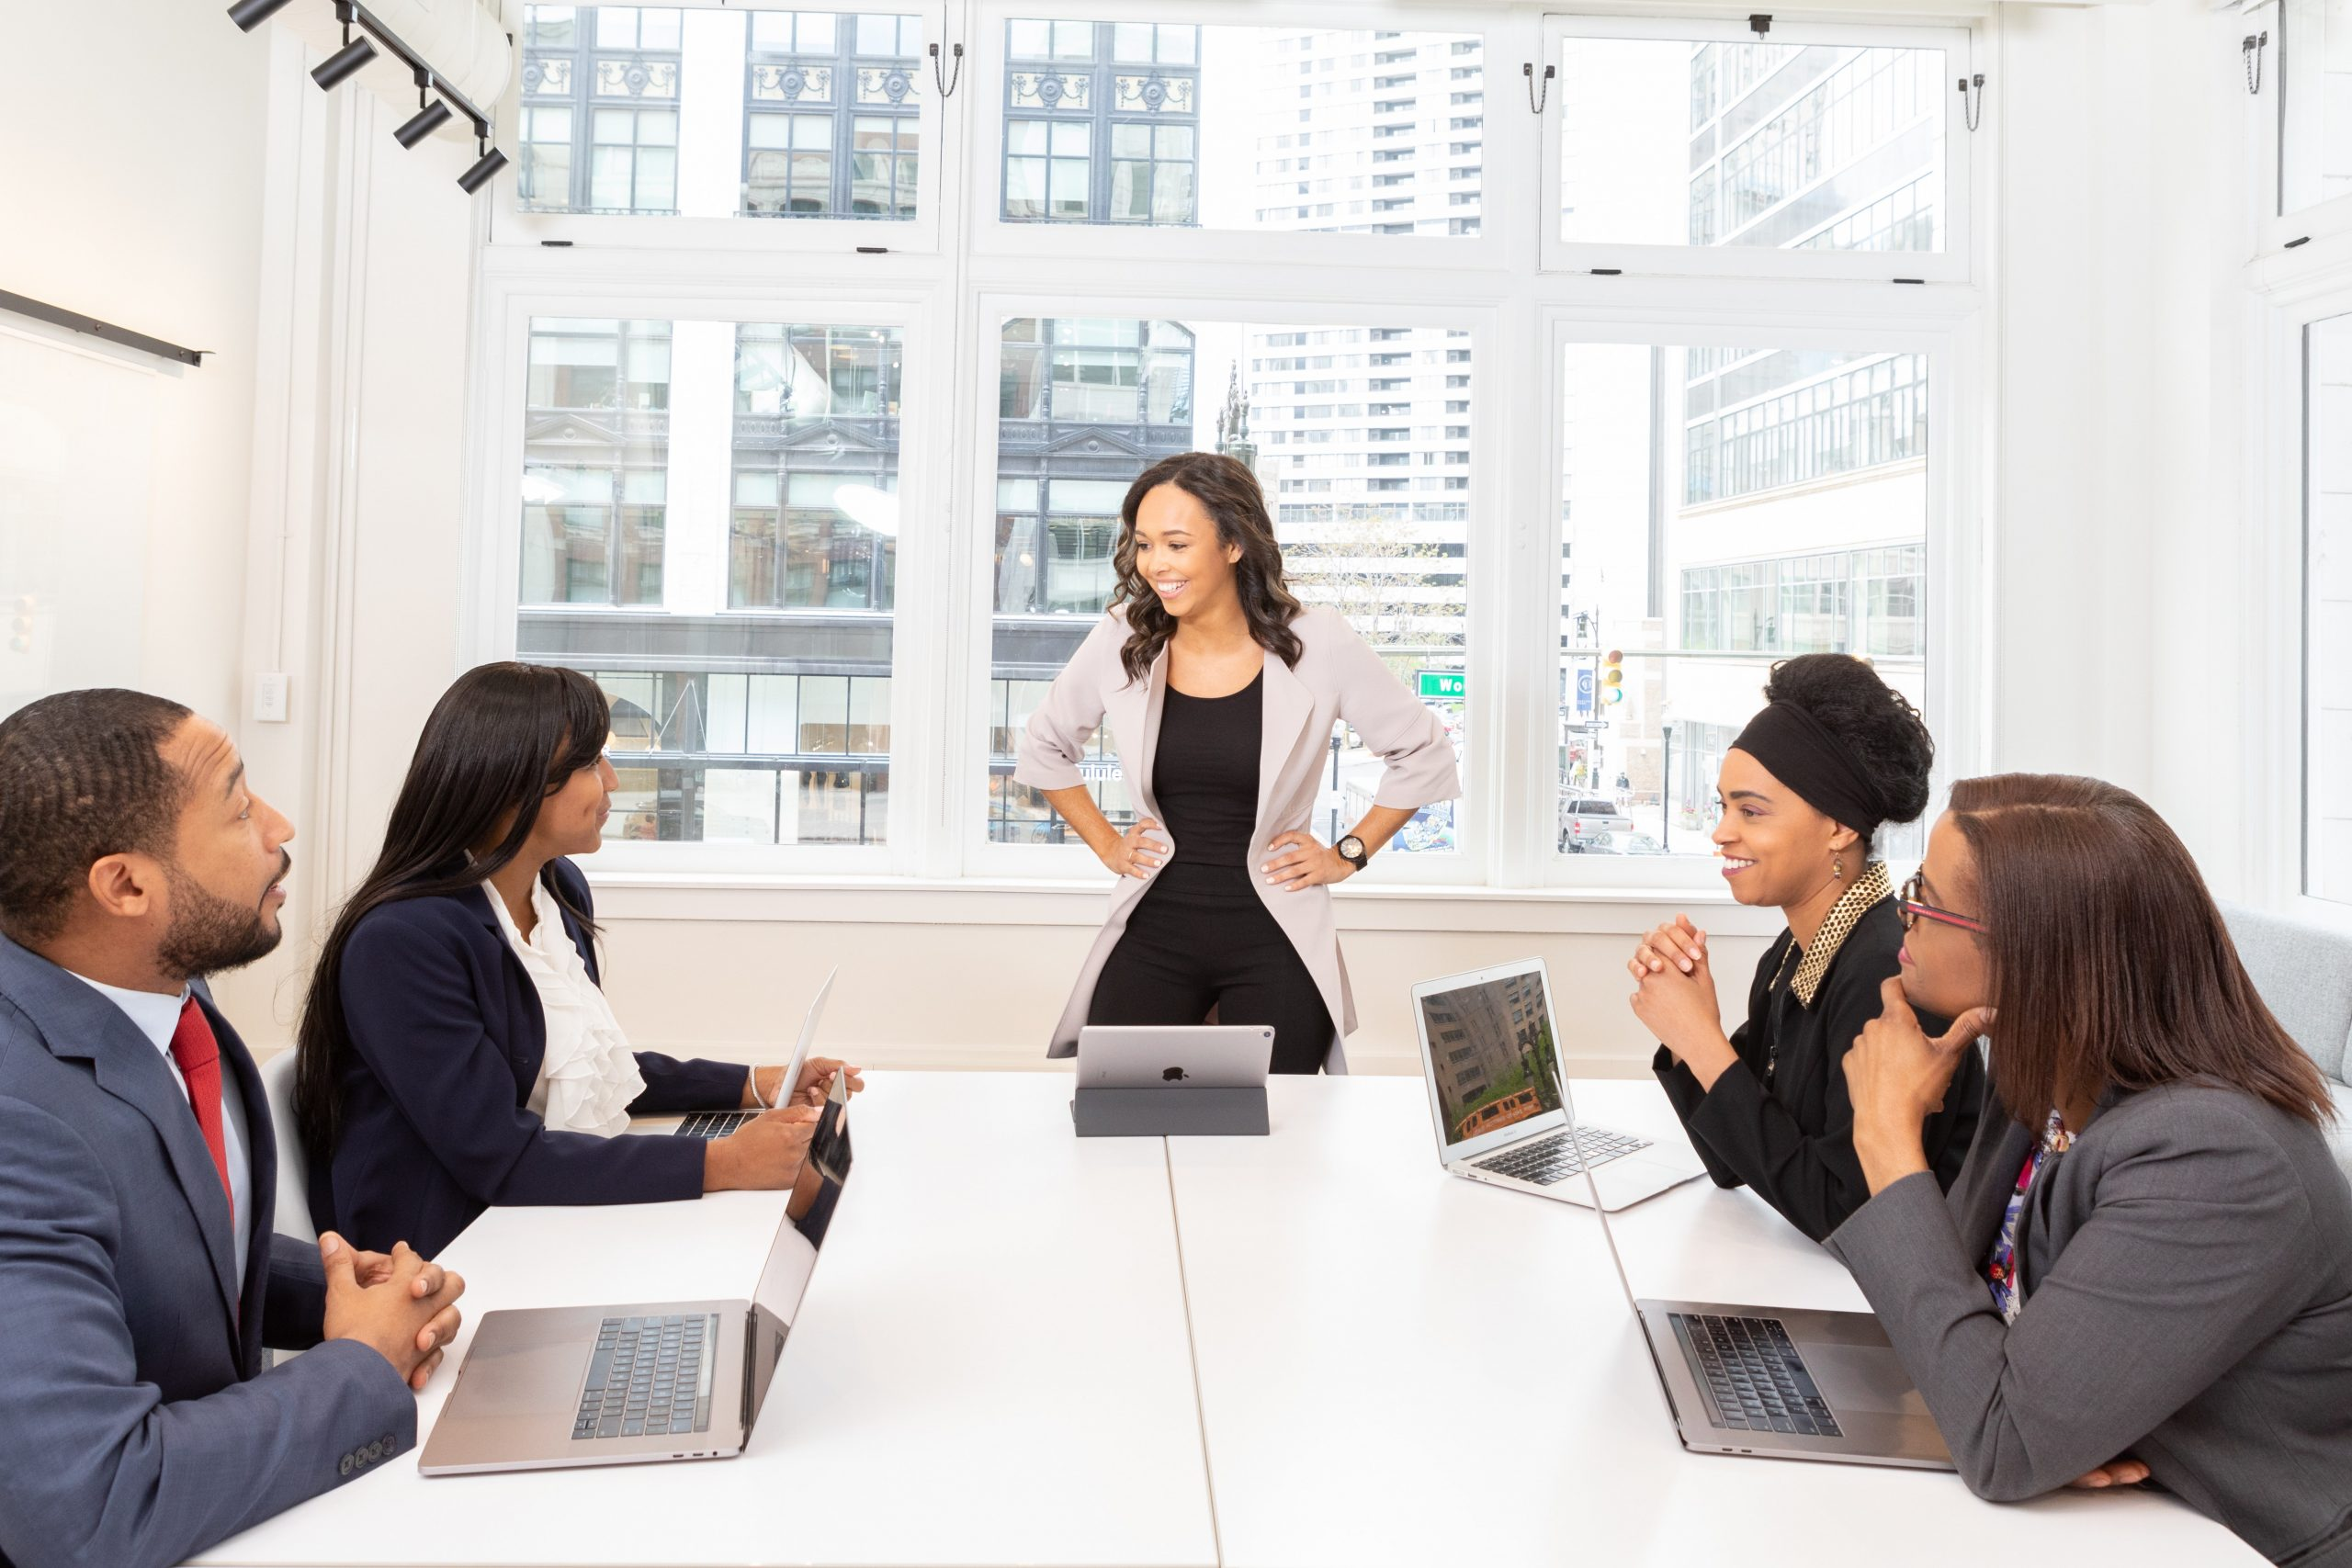 reuniões de trabalho